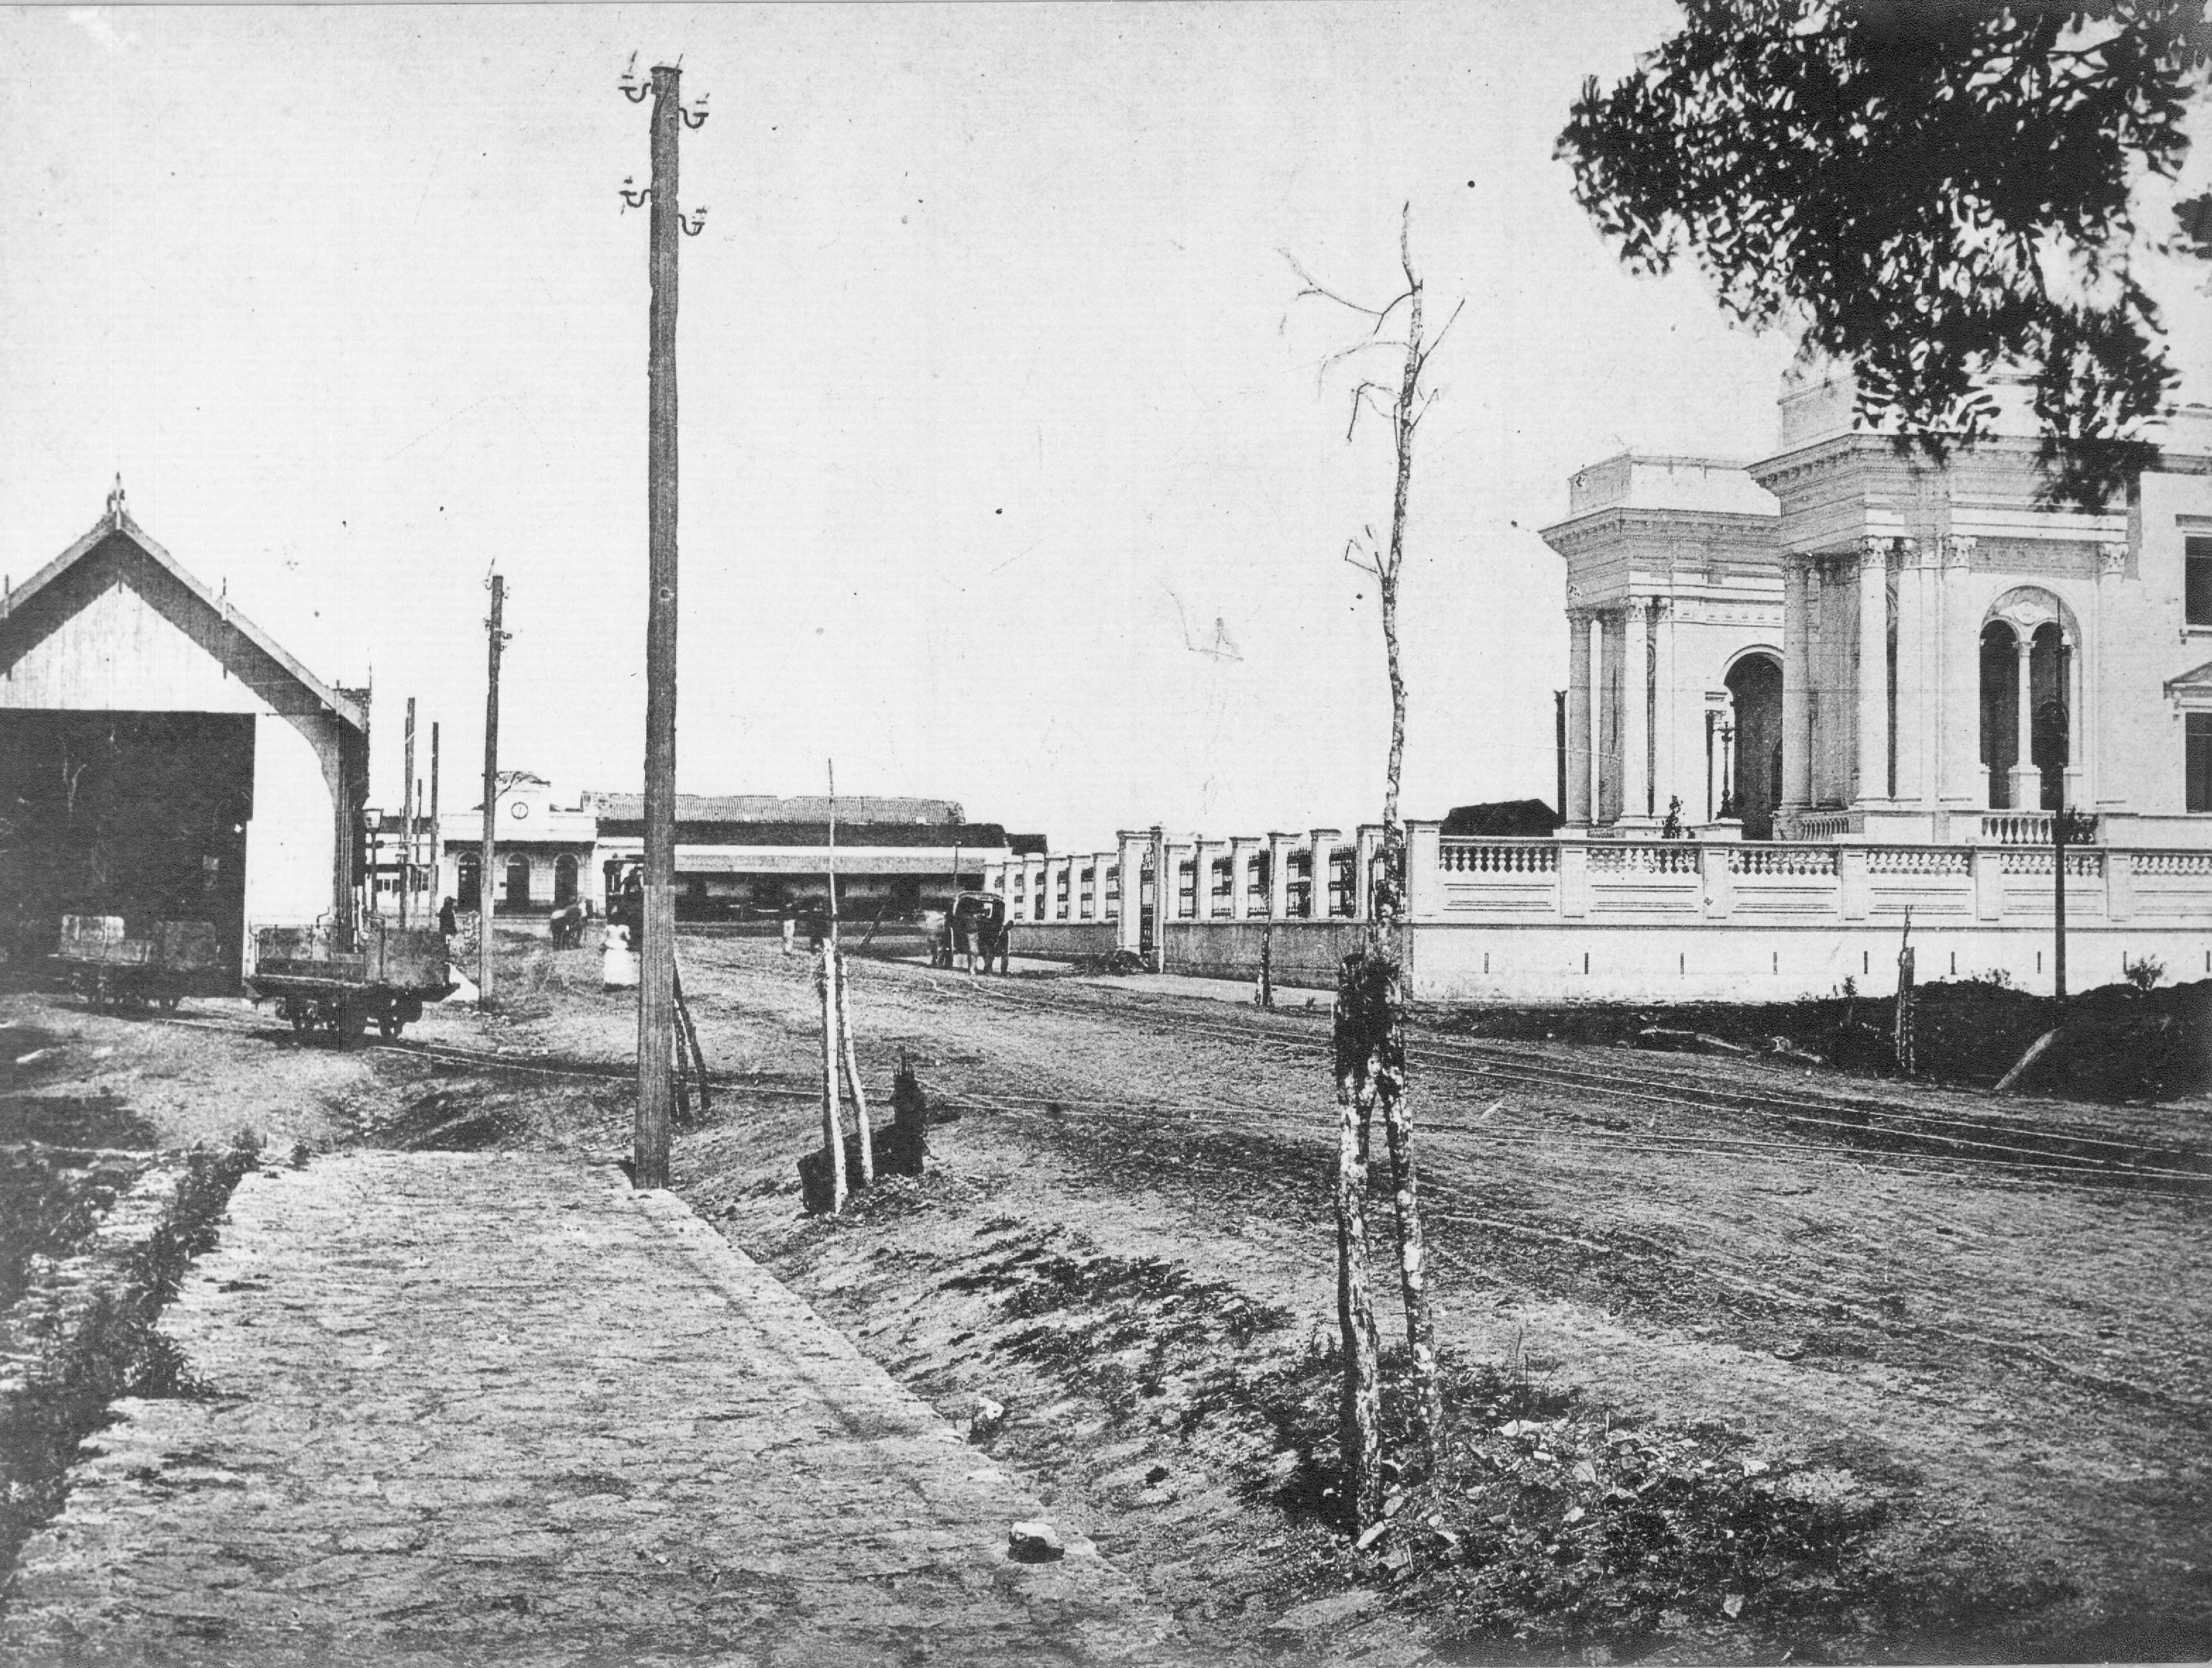 Rua da Liberdade, atual Barão do Rio Branco, no início do século XX. À direita, o Palácio do Congresso.